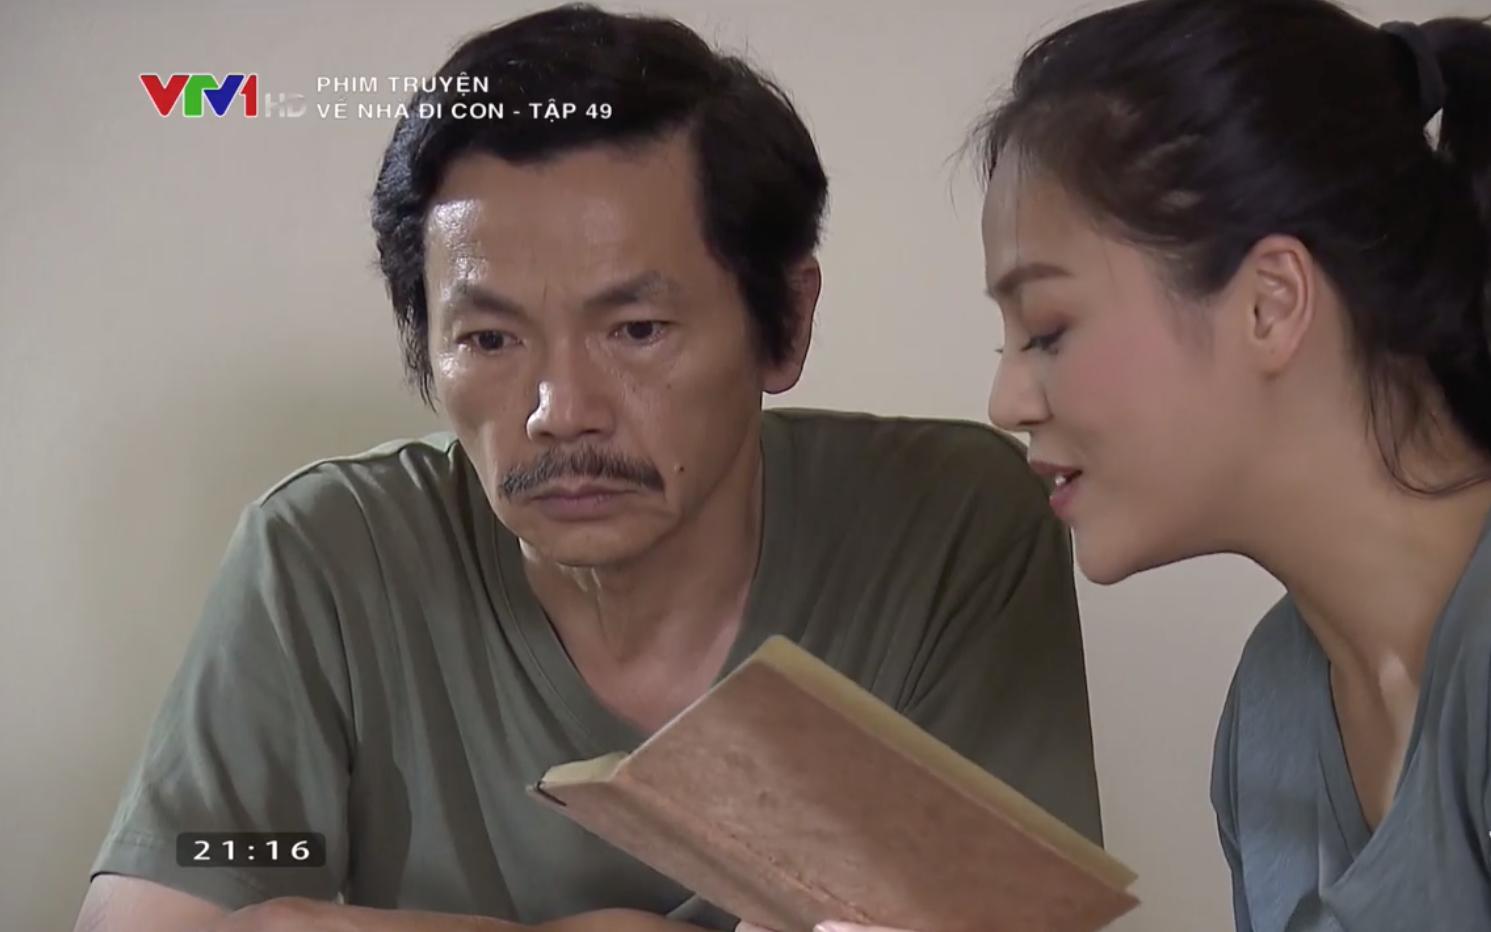 """""""Về nhà đi con"""": Hết lo Thư hóa điên, khán giả lại sợ ông Sơn... mắc bệnh tâm thần"""